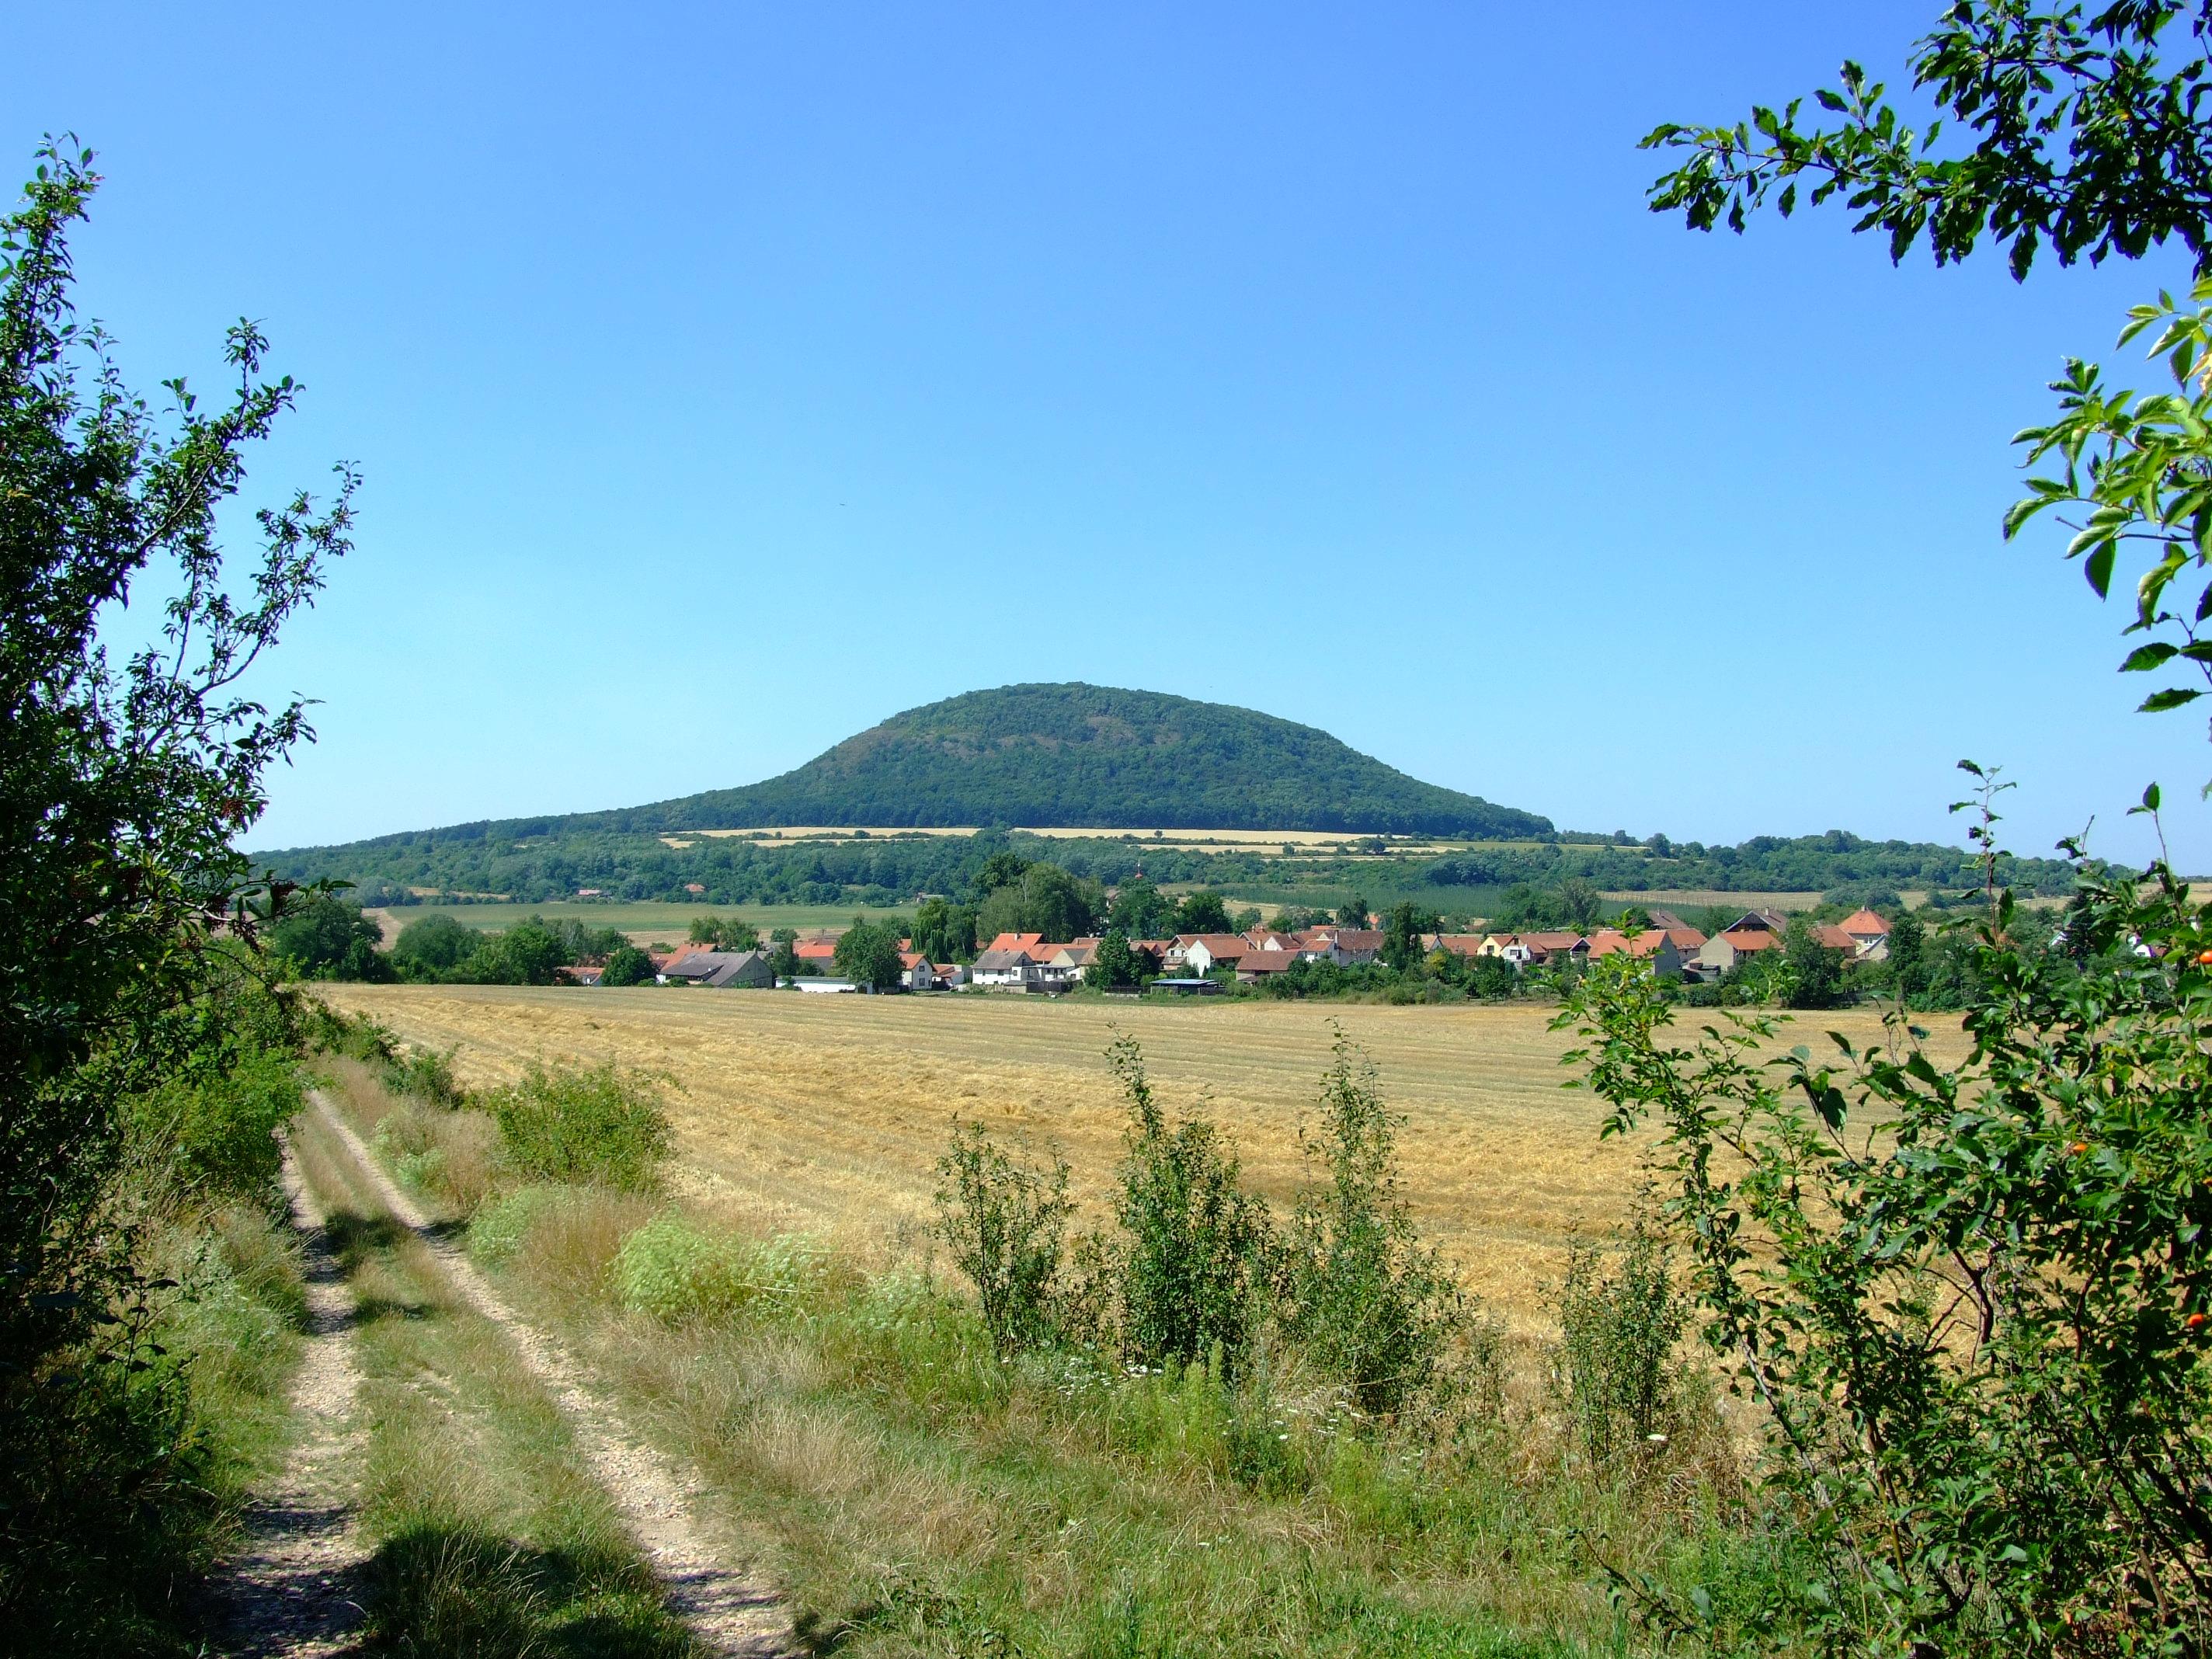 """Hora Říp - symbol české národní historie je pozůstatek bývalé sopkyČeského středohoří. I tento třetihorní vulkán sehrál svou roli """"ochlazovače"""" zemského klimatu. Foto: Aktron, Wikipedie, CC BY-SA 3.0"""